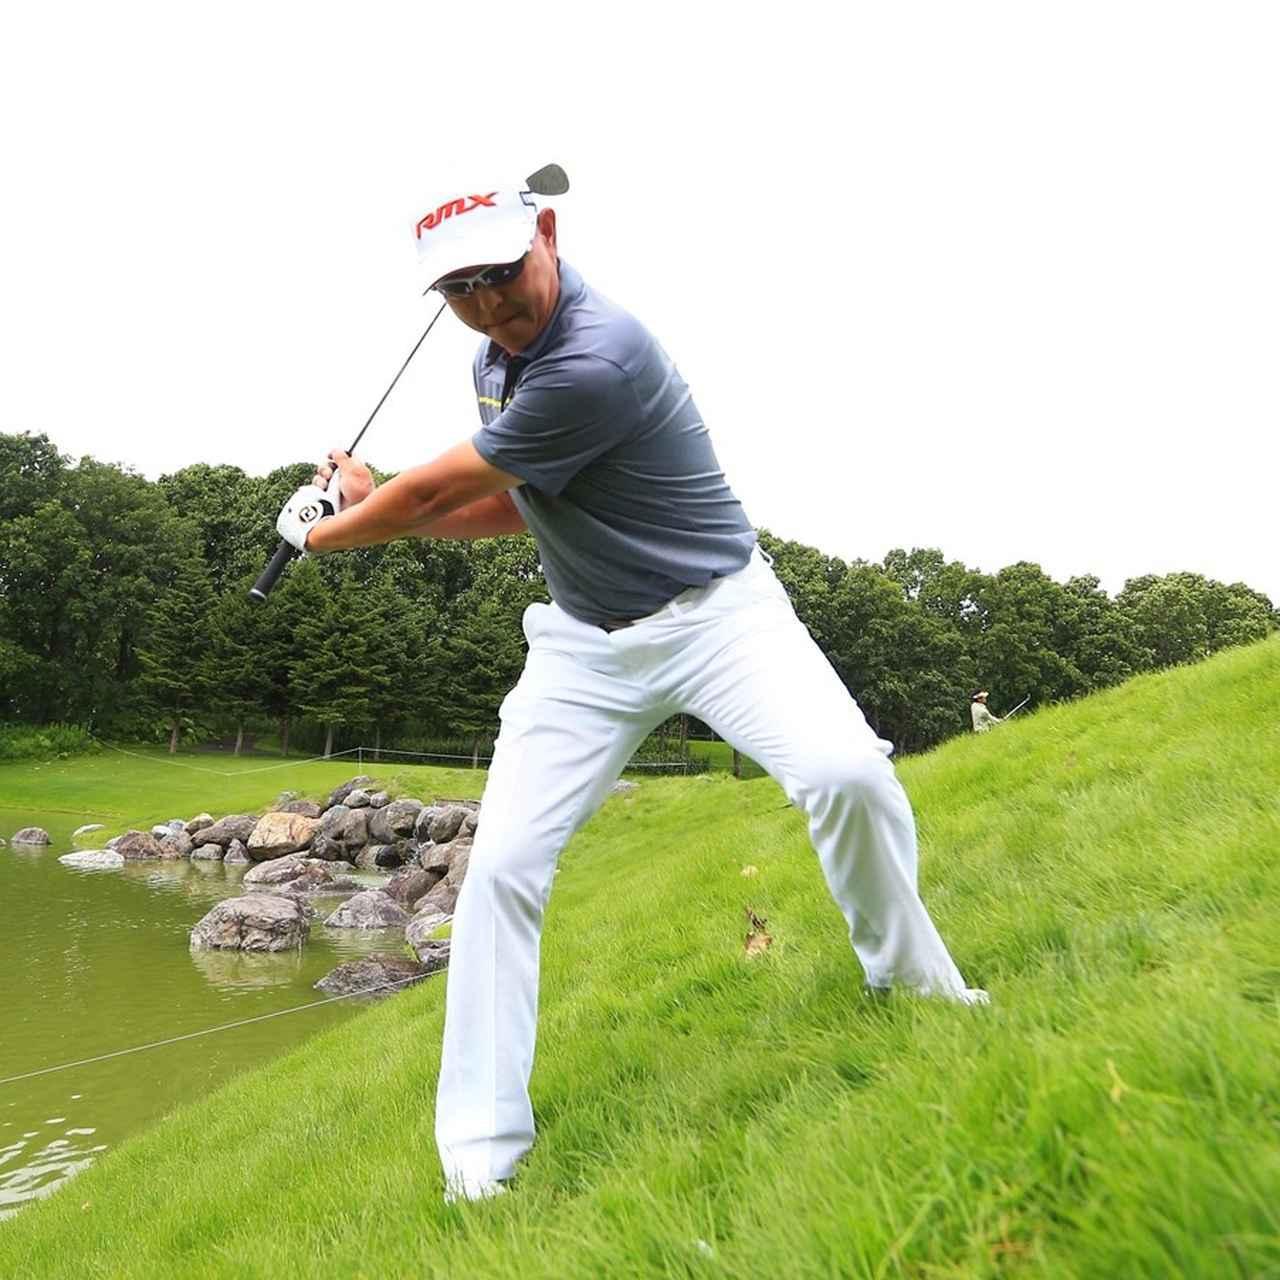 画像1: 芝の抵抗に負けないようにグリップをしっかり握る。傾斜なりでは高さがでないので、開いたフェースをアッパーに。ピンの真上からボールを落とすイメージ